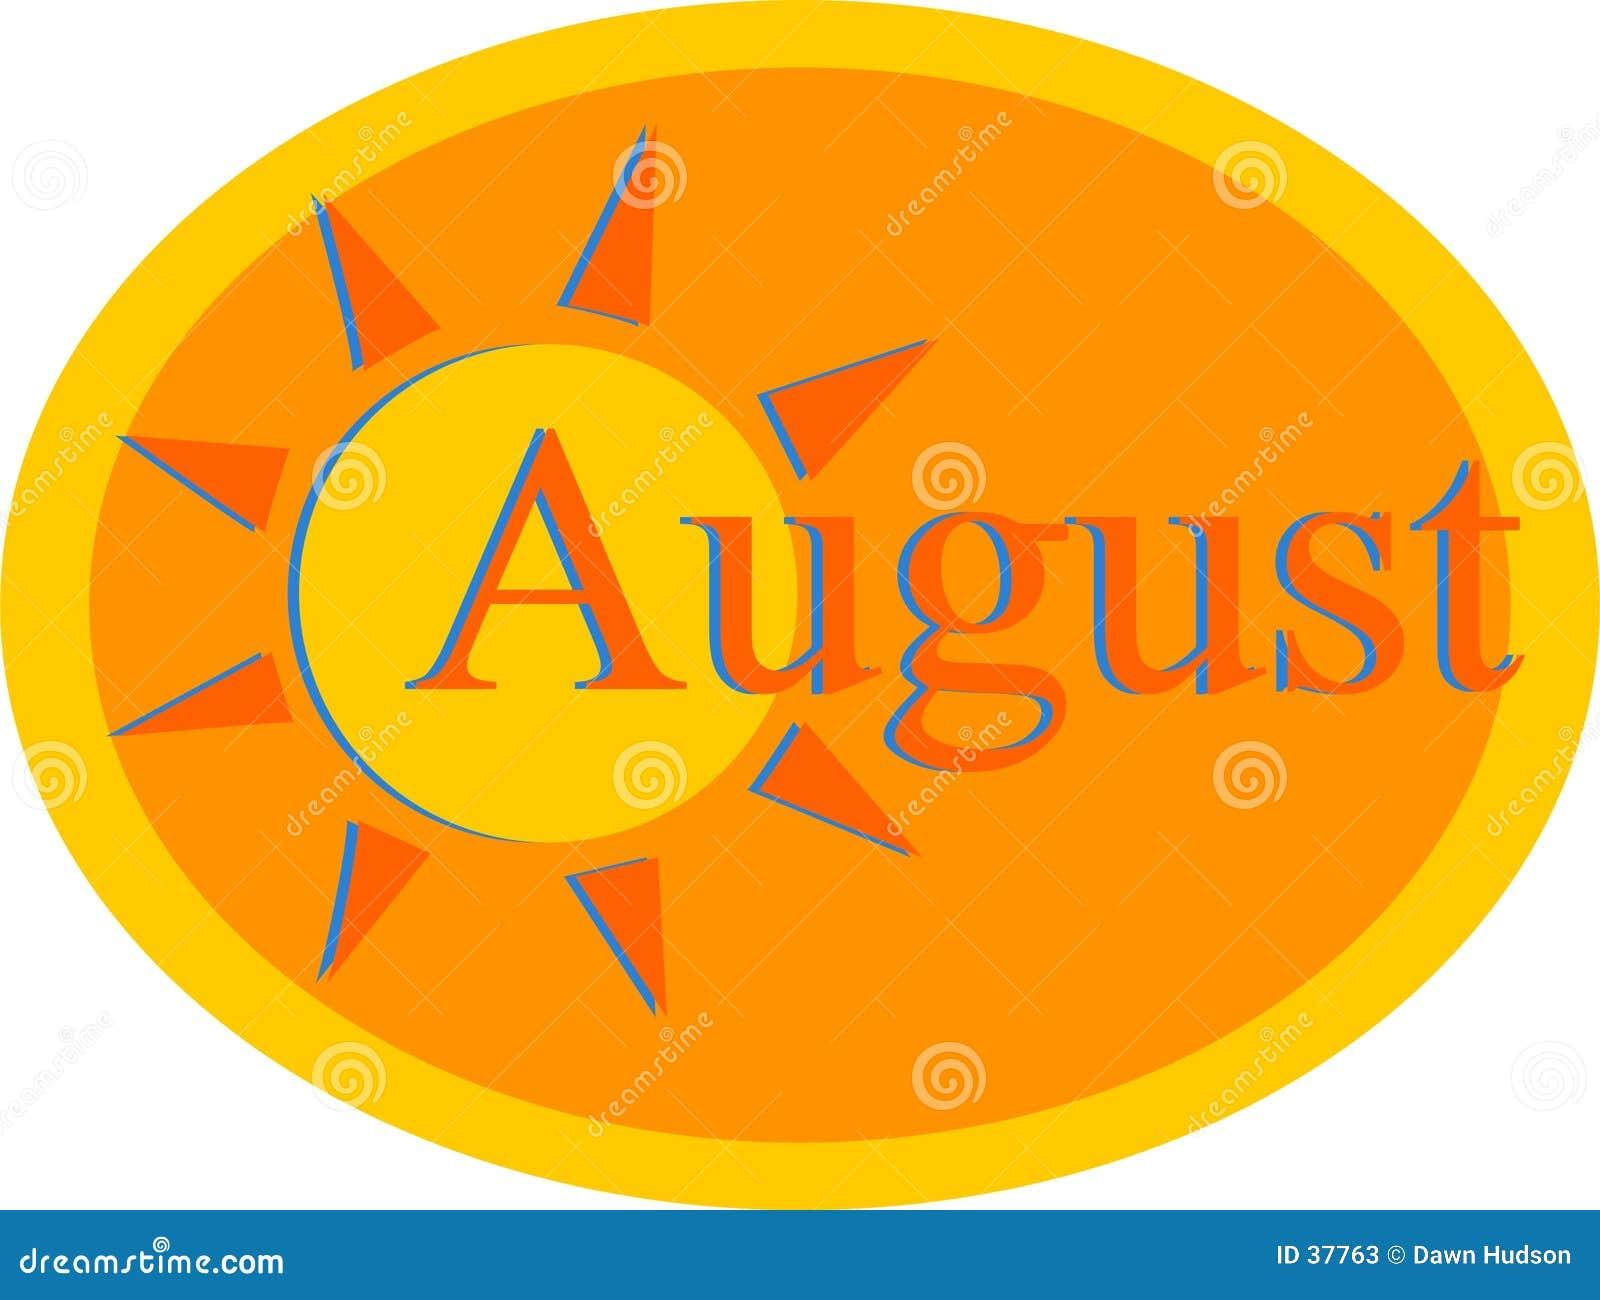 Download Agosto ilustración del vector. Ilustración de holidays, calor - 37763